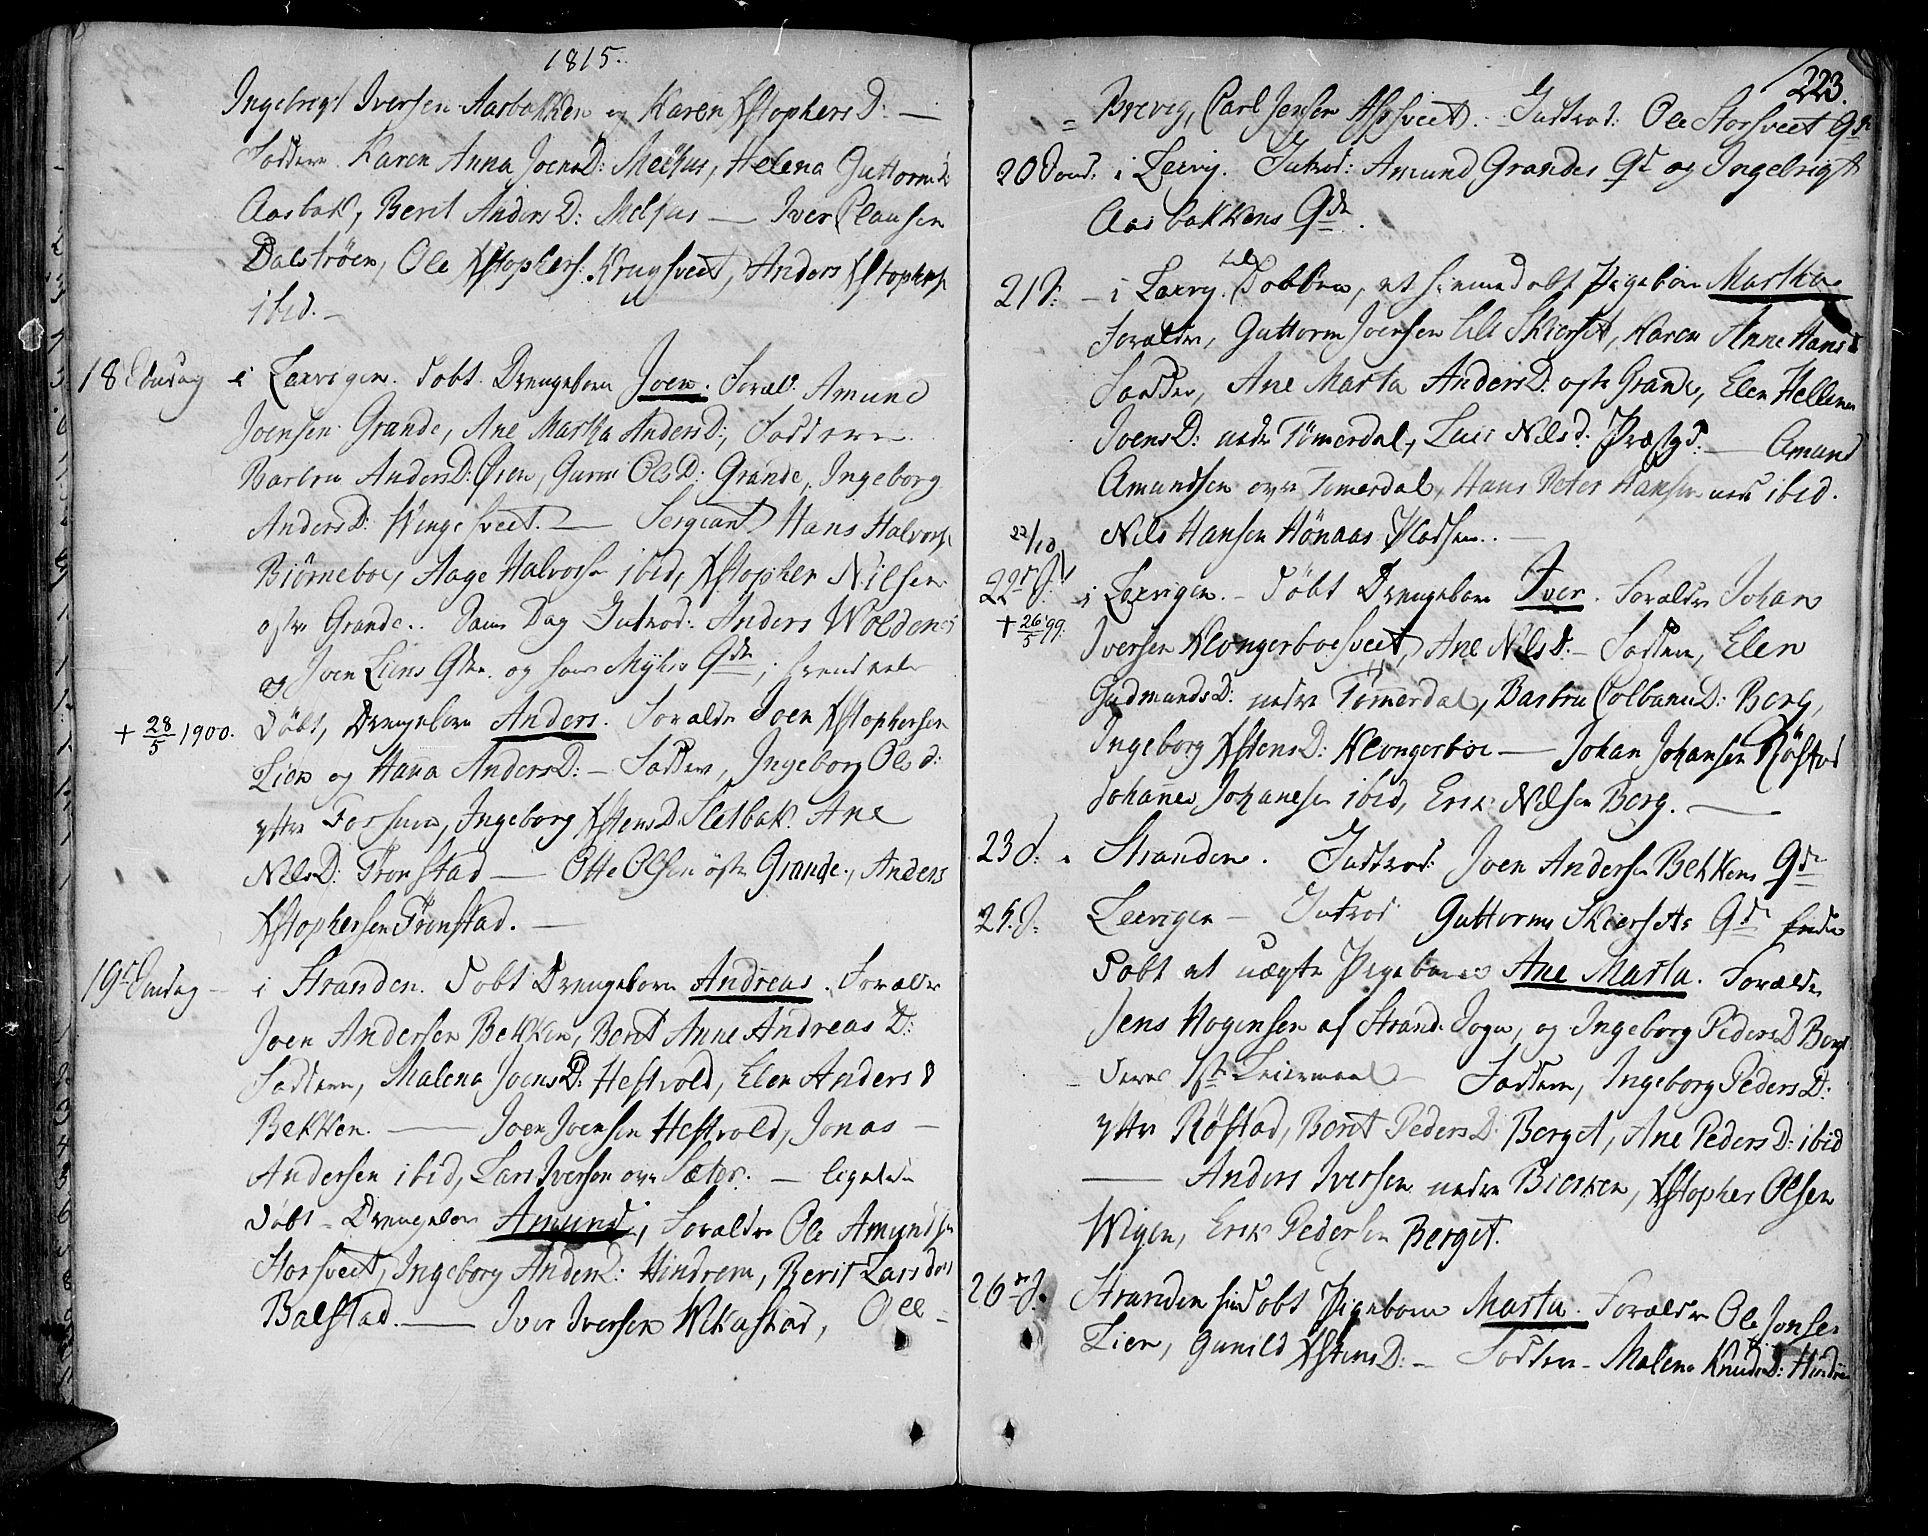 SAT, Ministerialprotokoller, klokkerbøker og fødselsregistre - Nord-Trøndelag, 701/L0004: Ministerialbok nr. 701A04, 1783-1816, s. 223